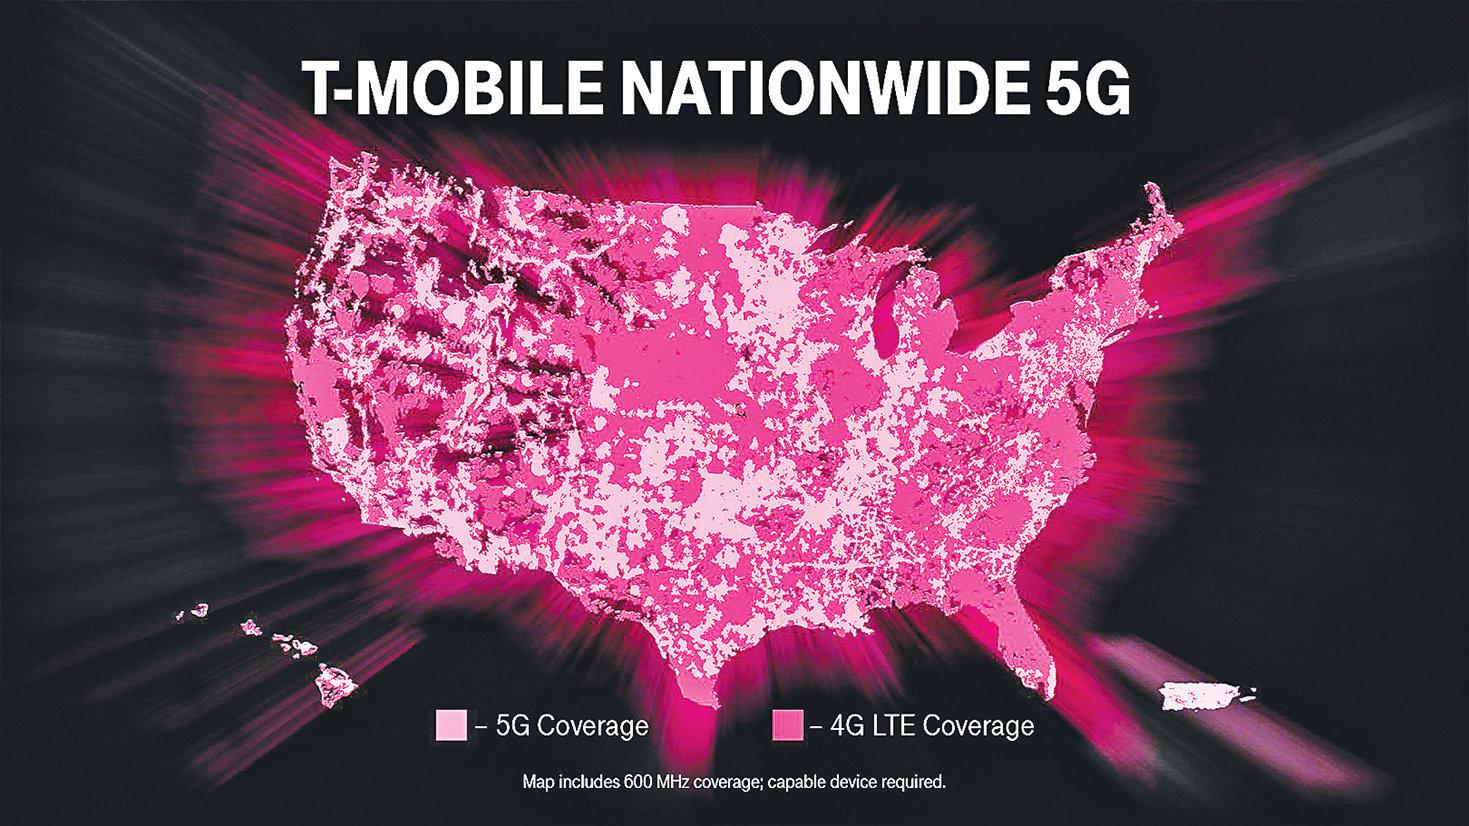 美國第三大電信公司T-Mobile 成為首家在全美推出真正5G無線服務的電信商。圖為T-Mobile的5G和4G LTE在美國的覆蓋分佈地圖。(T-Mobile)